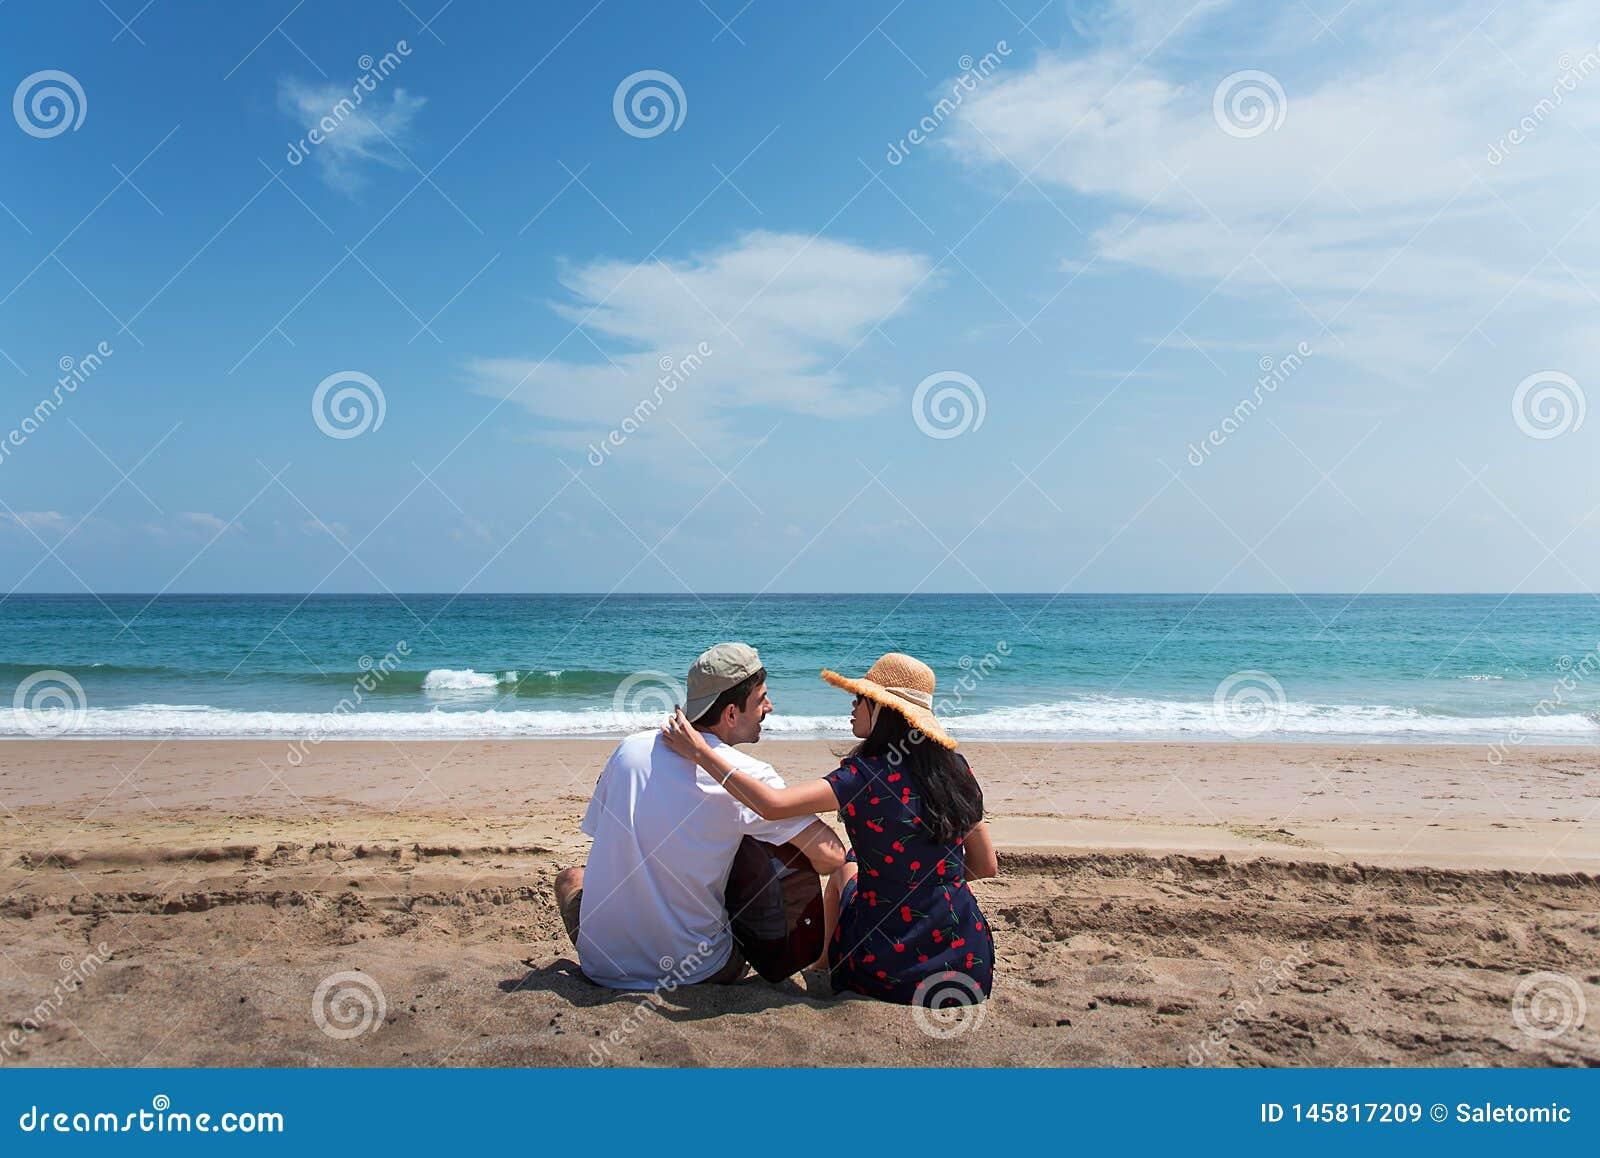 Coppia spendere il tempo sulla spiaggia con una chitarra